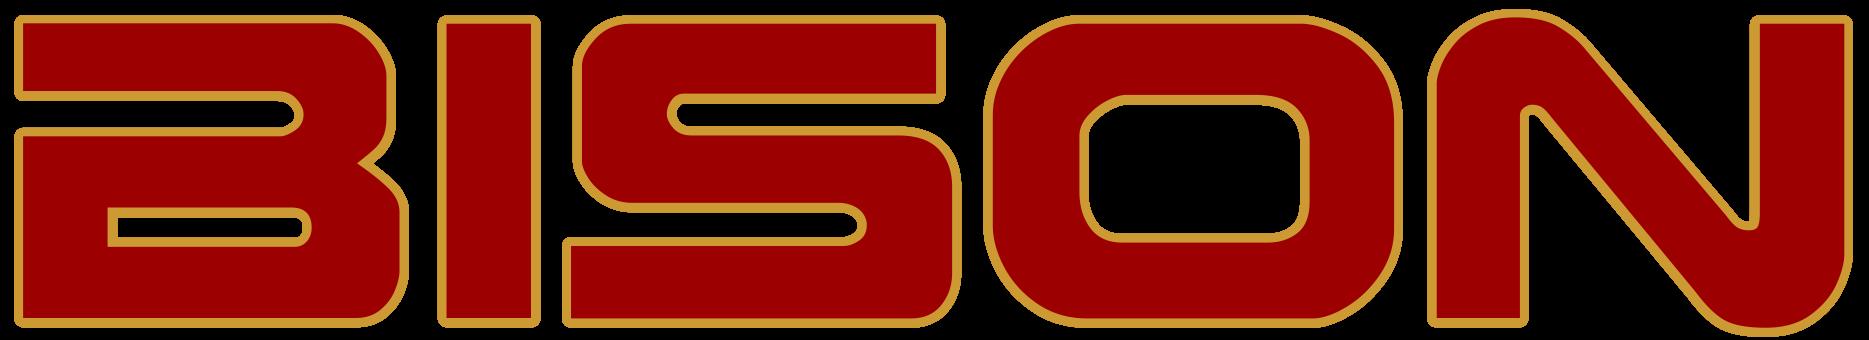 B.I.S.O.N. GmbH - Brandschutz, Individualbau, Schadstoffsanierung, Objektmanagement & Naturschutz